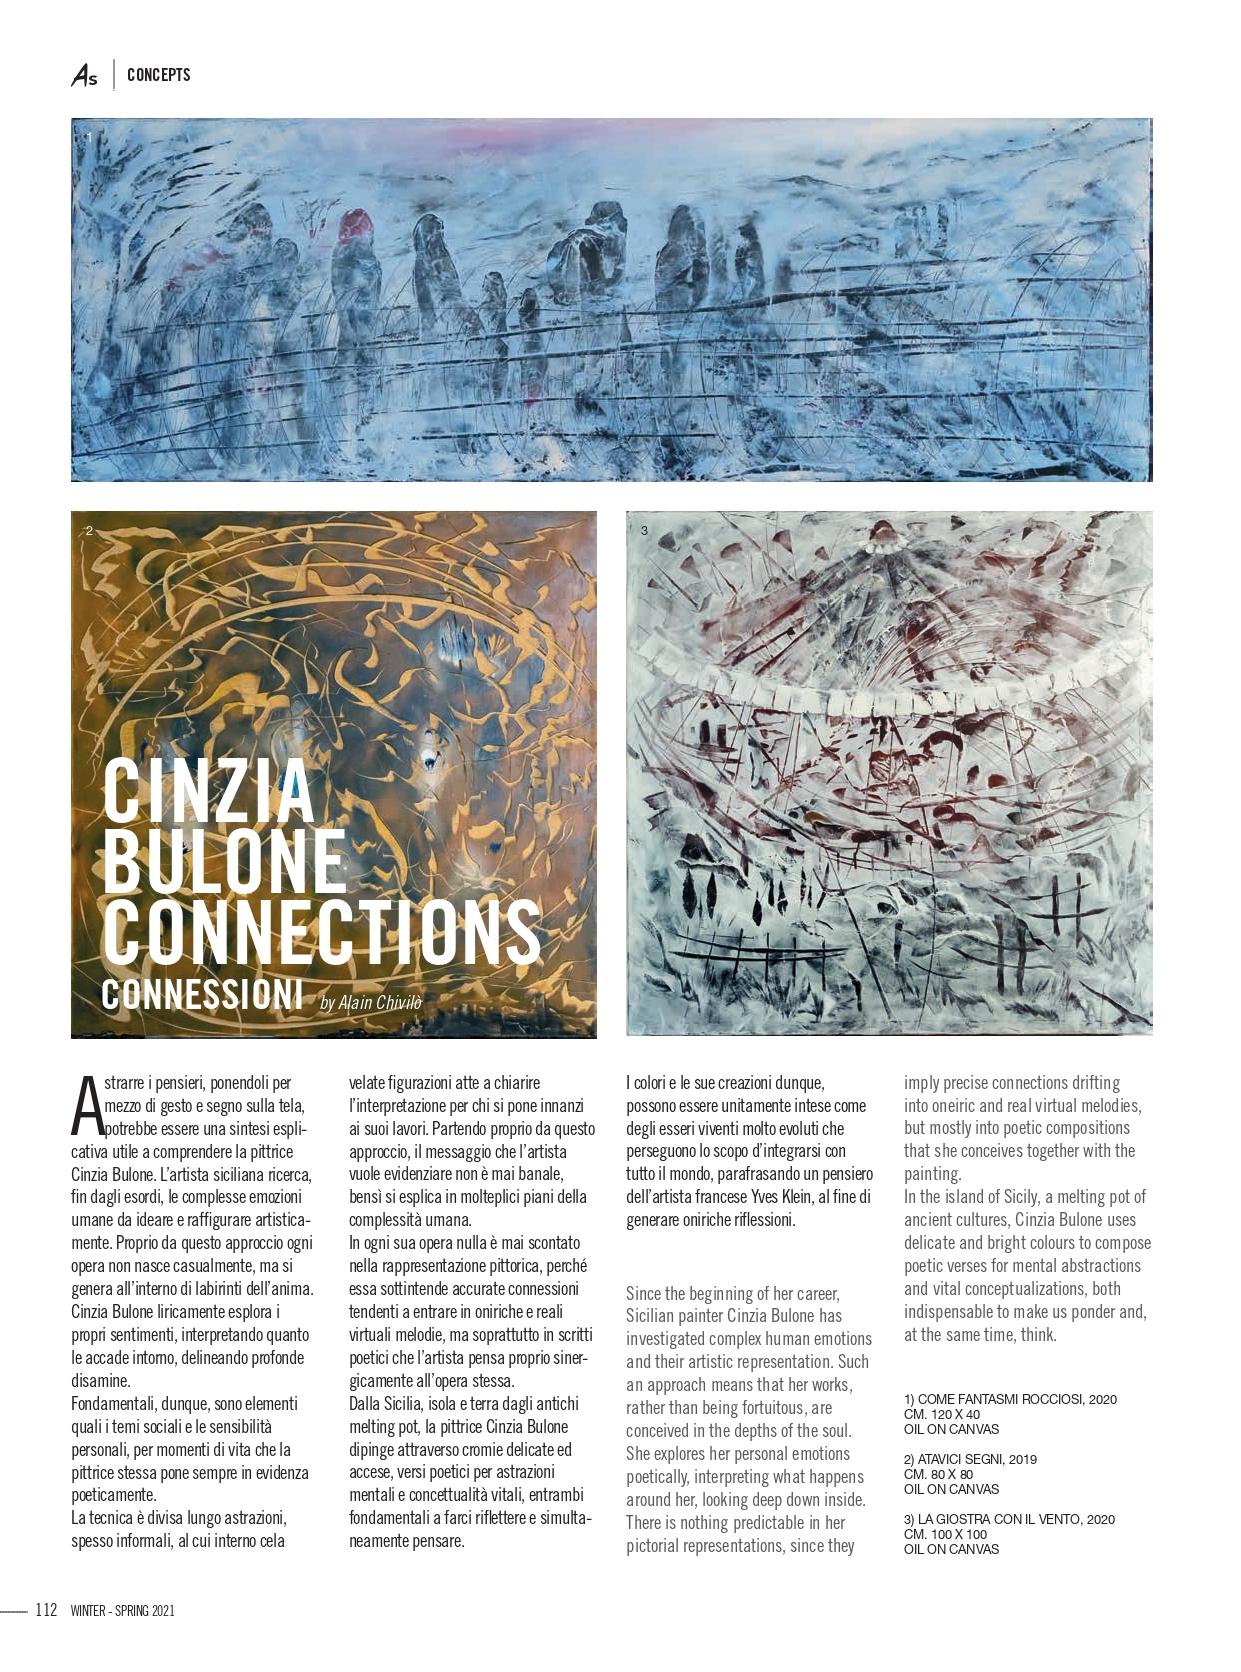 ArtStyle_Connessioni_Cinzia Bulone_Connessioni_by Alain Chivilò_Winter 20_21